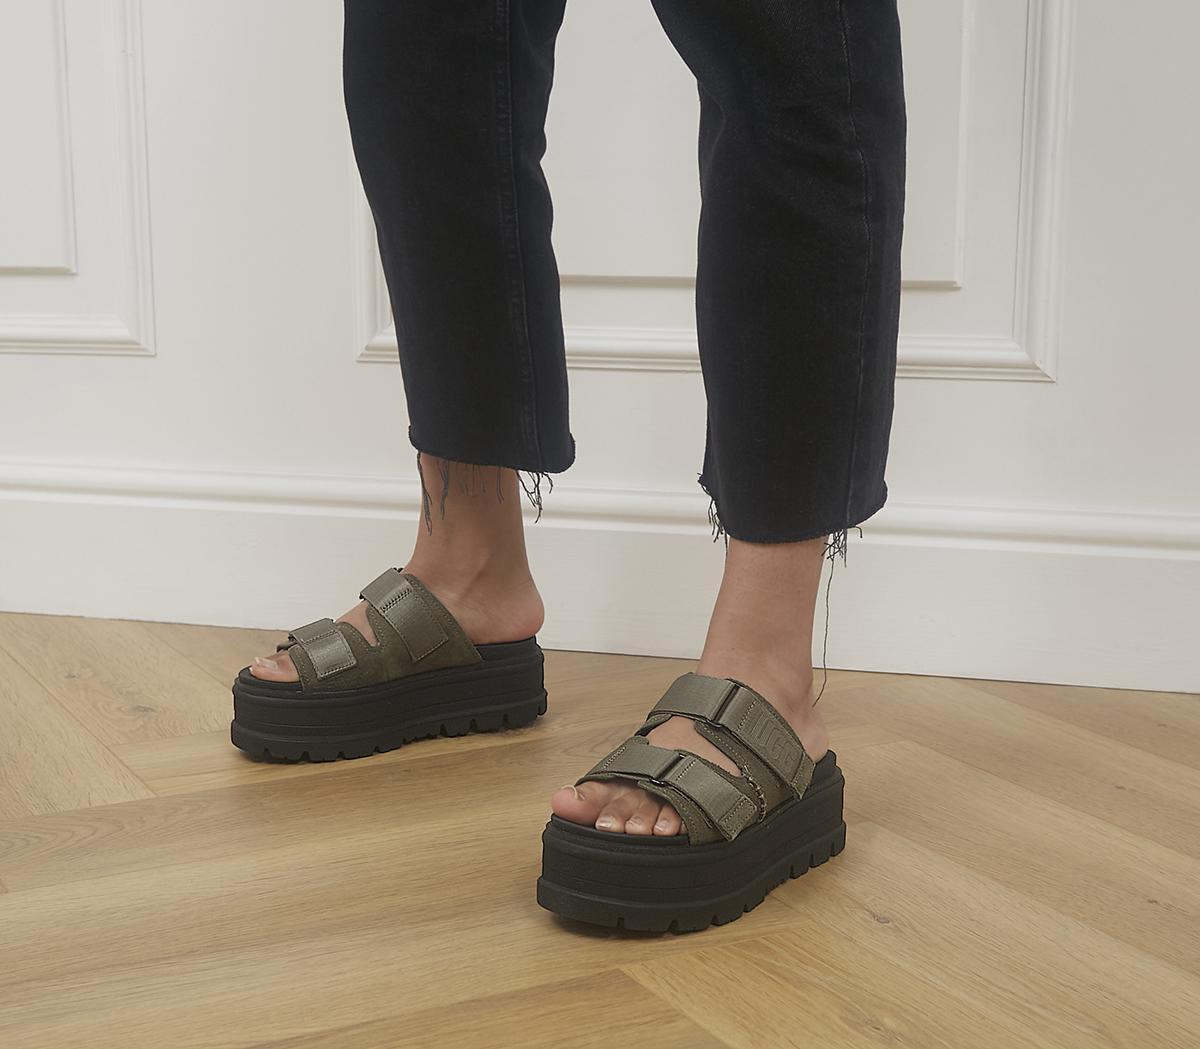 Clem Sandals